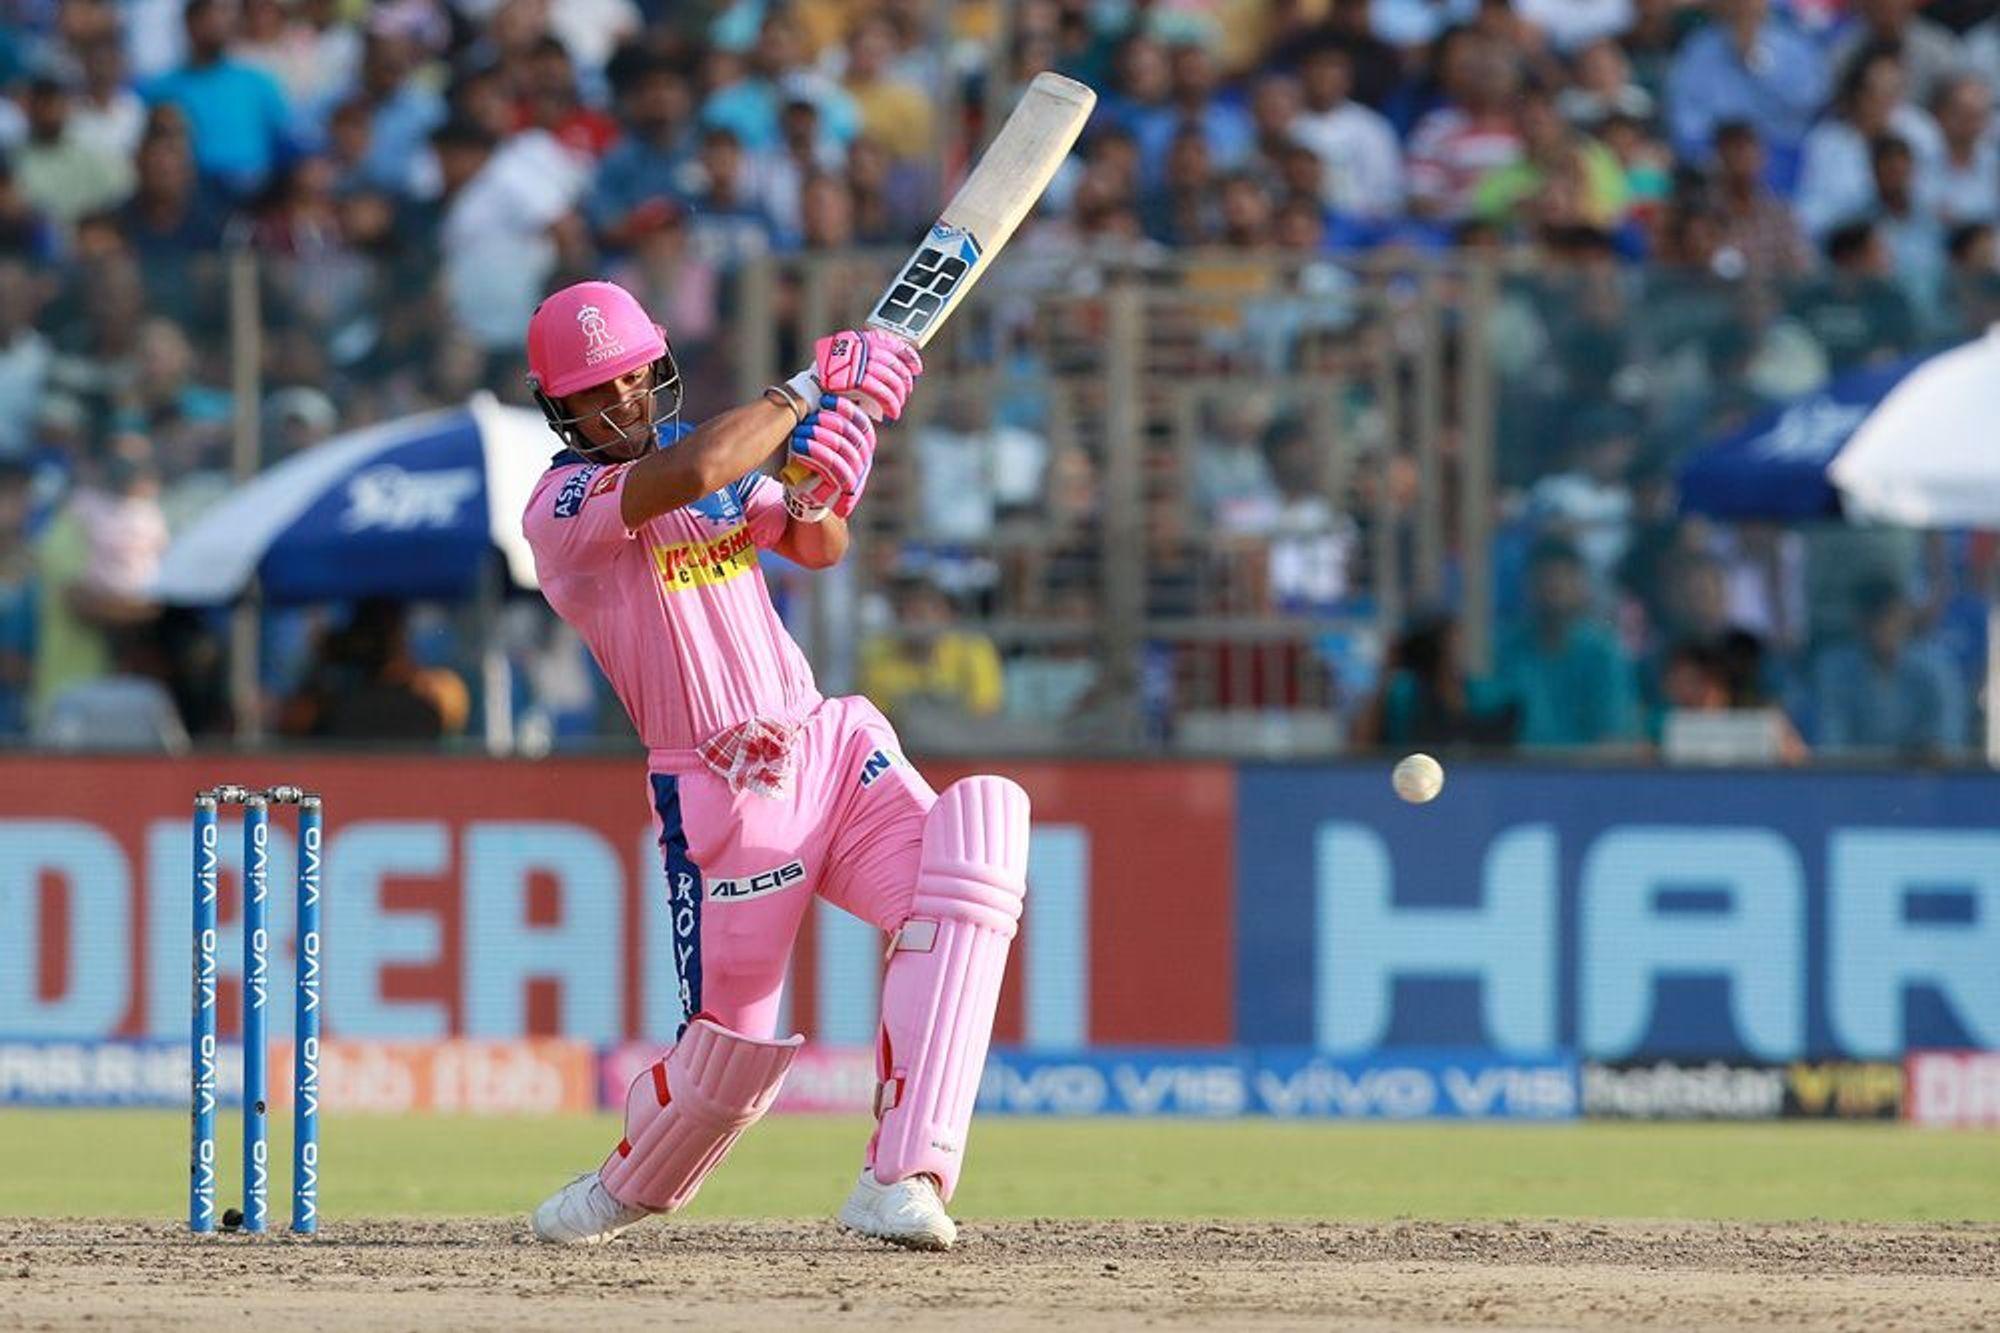 राजस्थान रॉयल्स के हार के बावजूद ट्विटर पर छाए रियान पराग, जानें किसने क्या कहा? 11